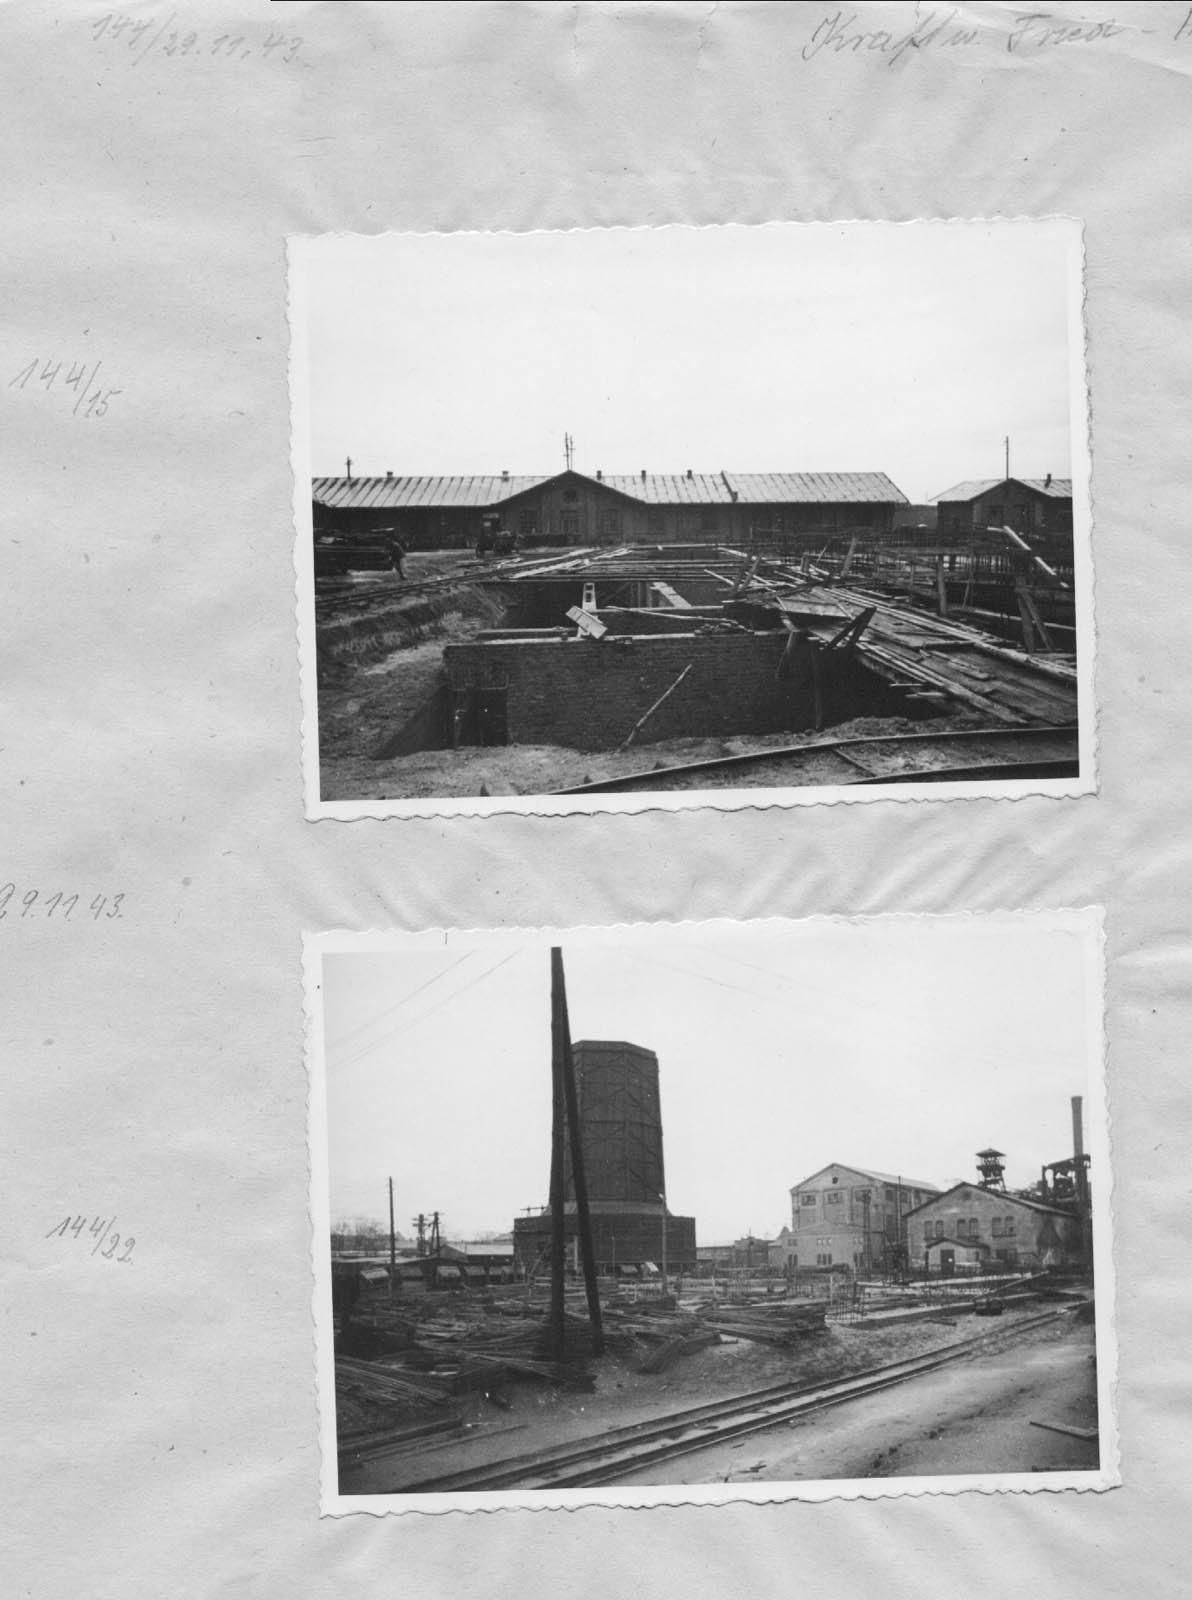 Kraftwerk Friedrich-August 5. 1943 Muzeum w Jaworznie